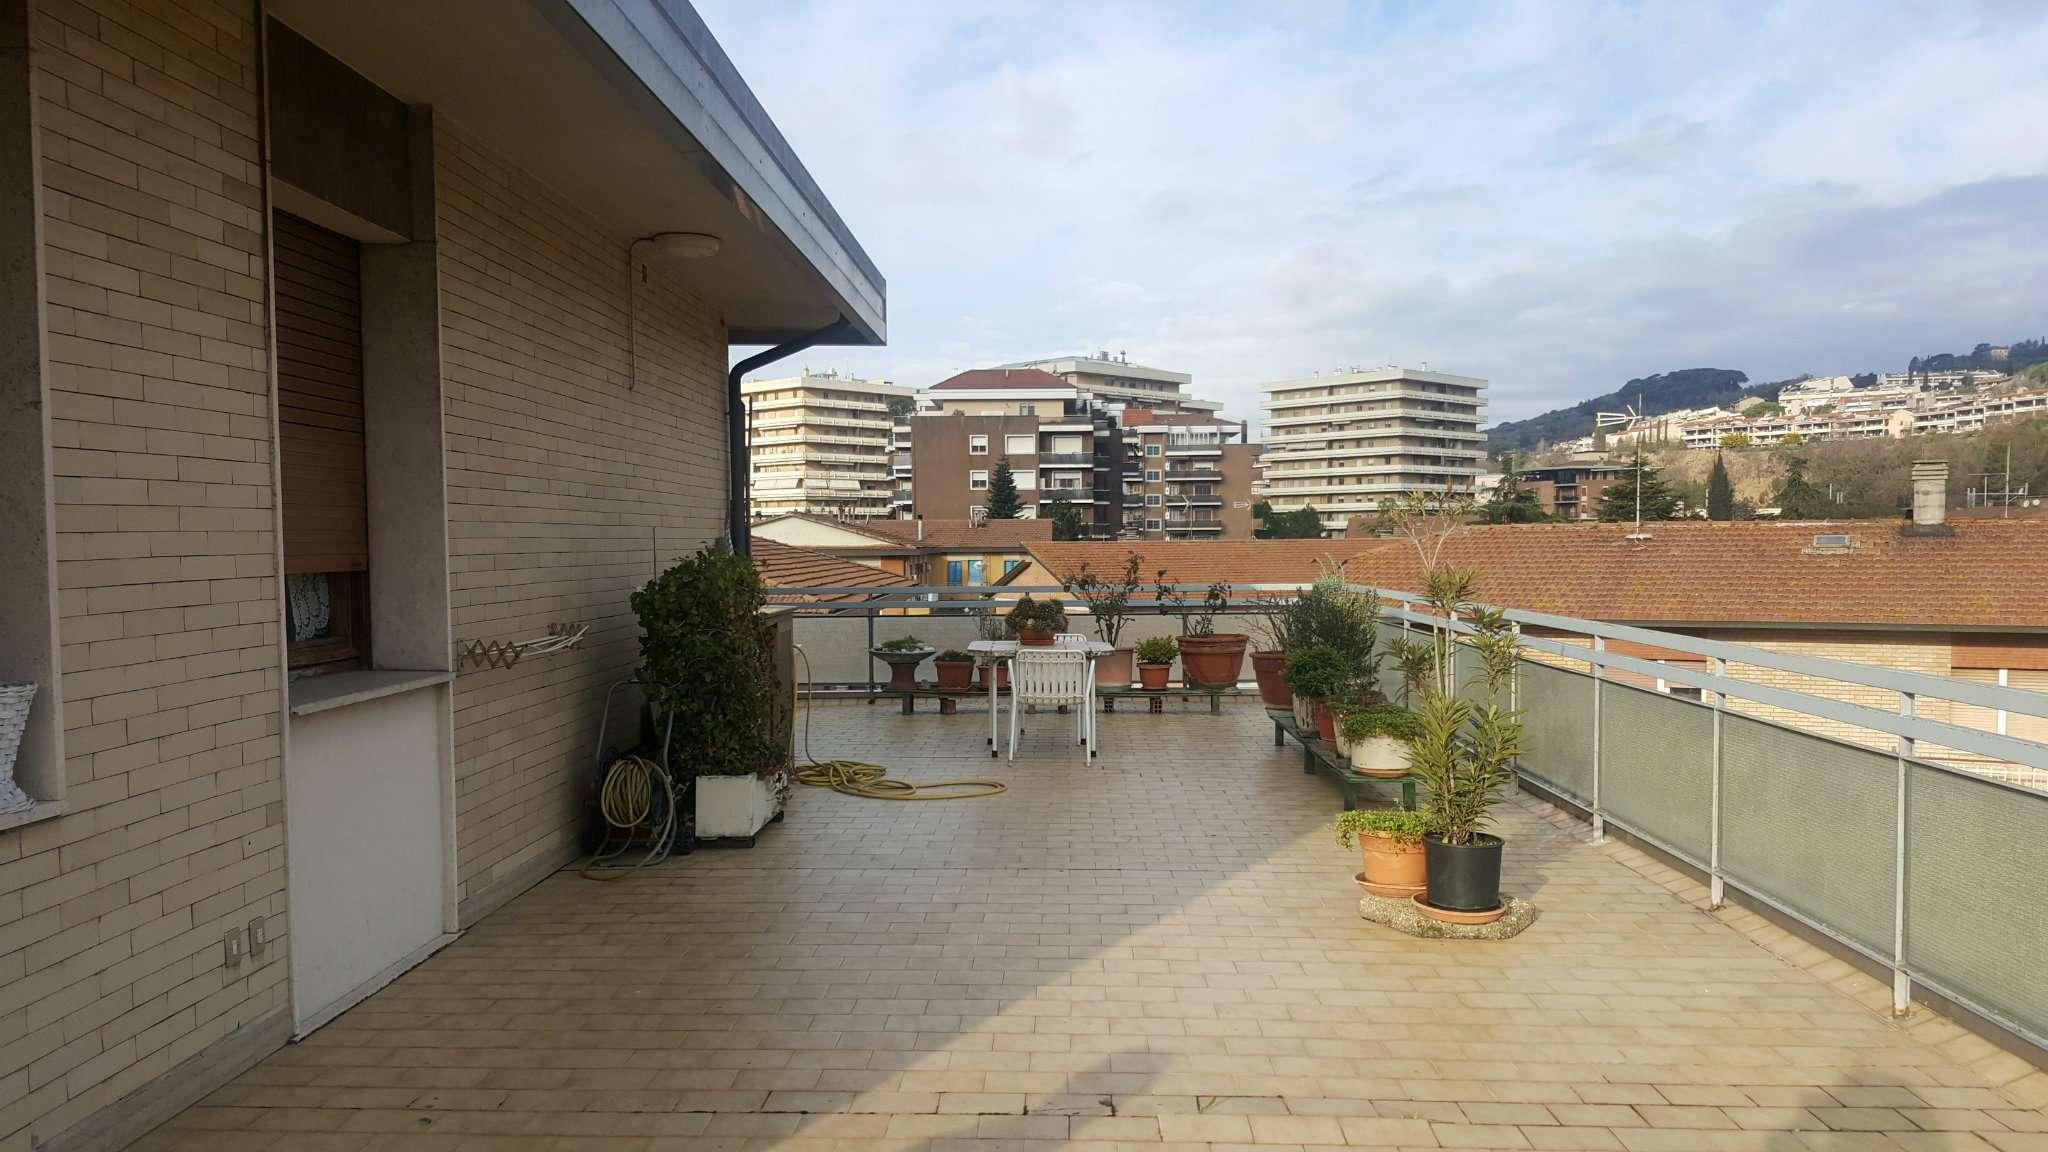 Vendita appartamento in perugia vendesi appartamento a for Piani ponte veranda